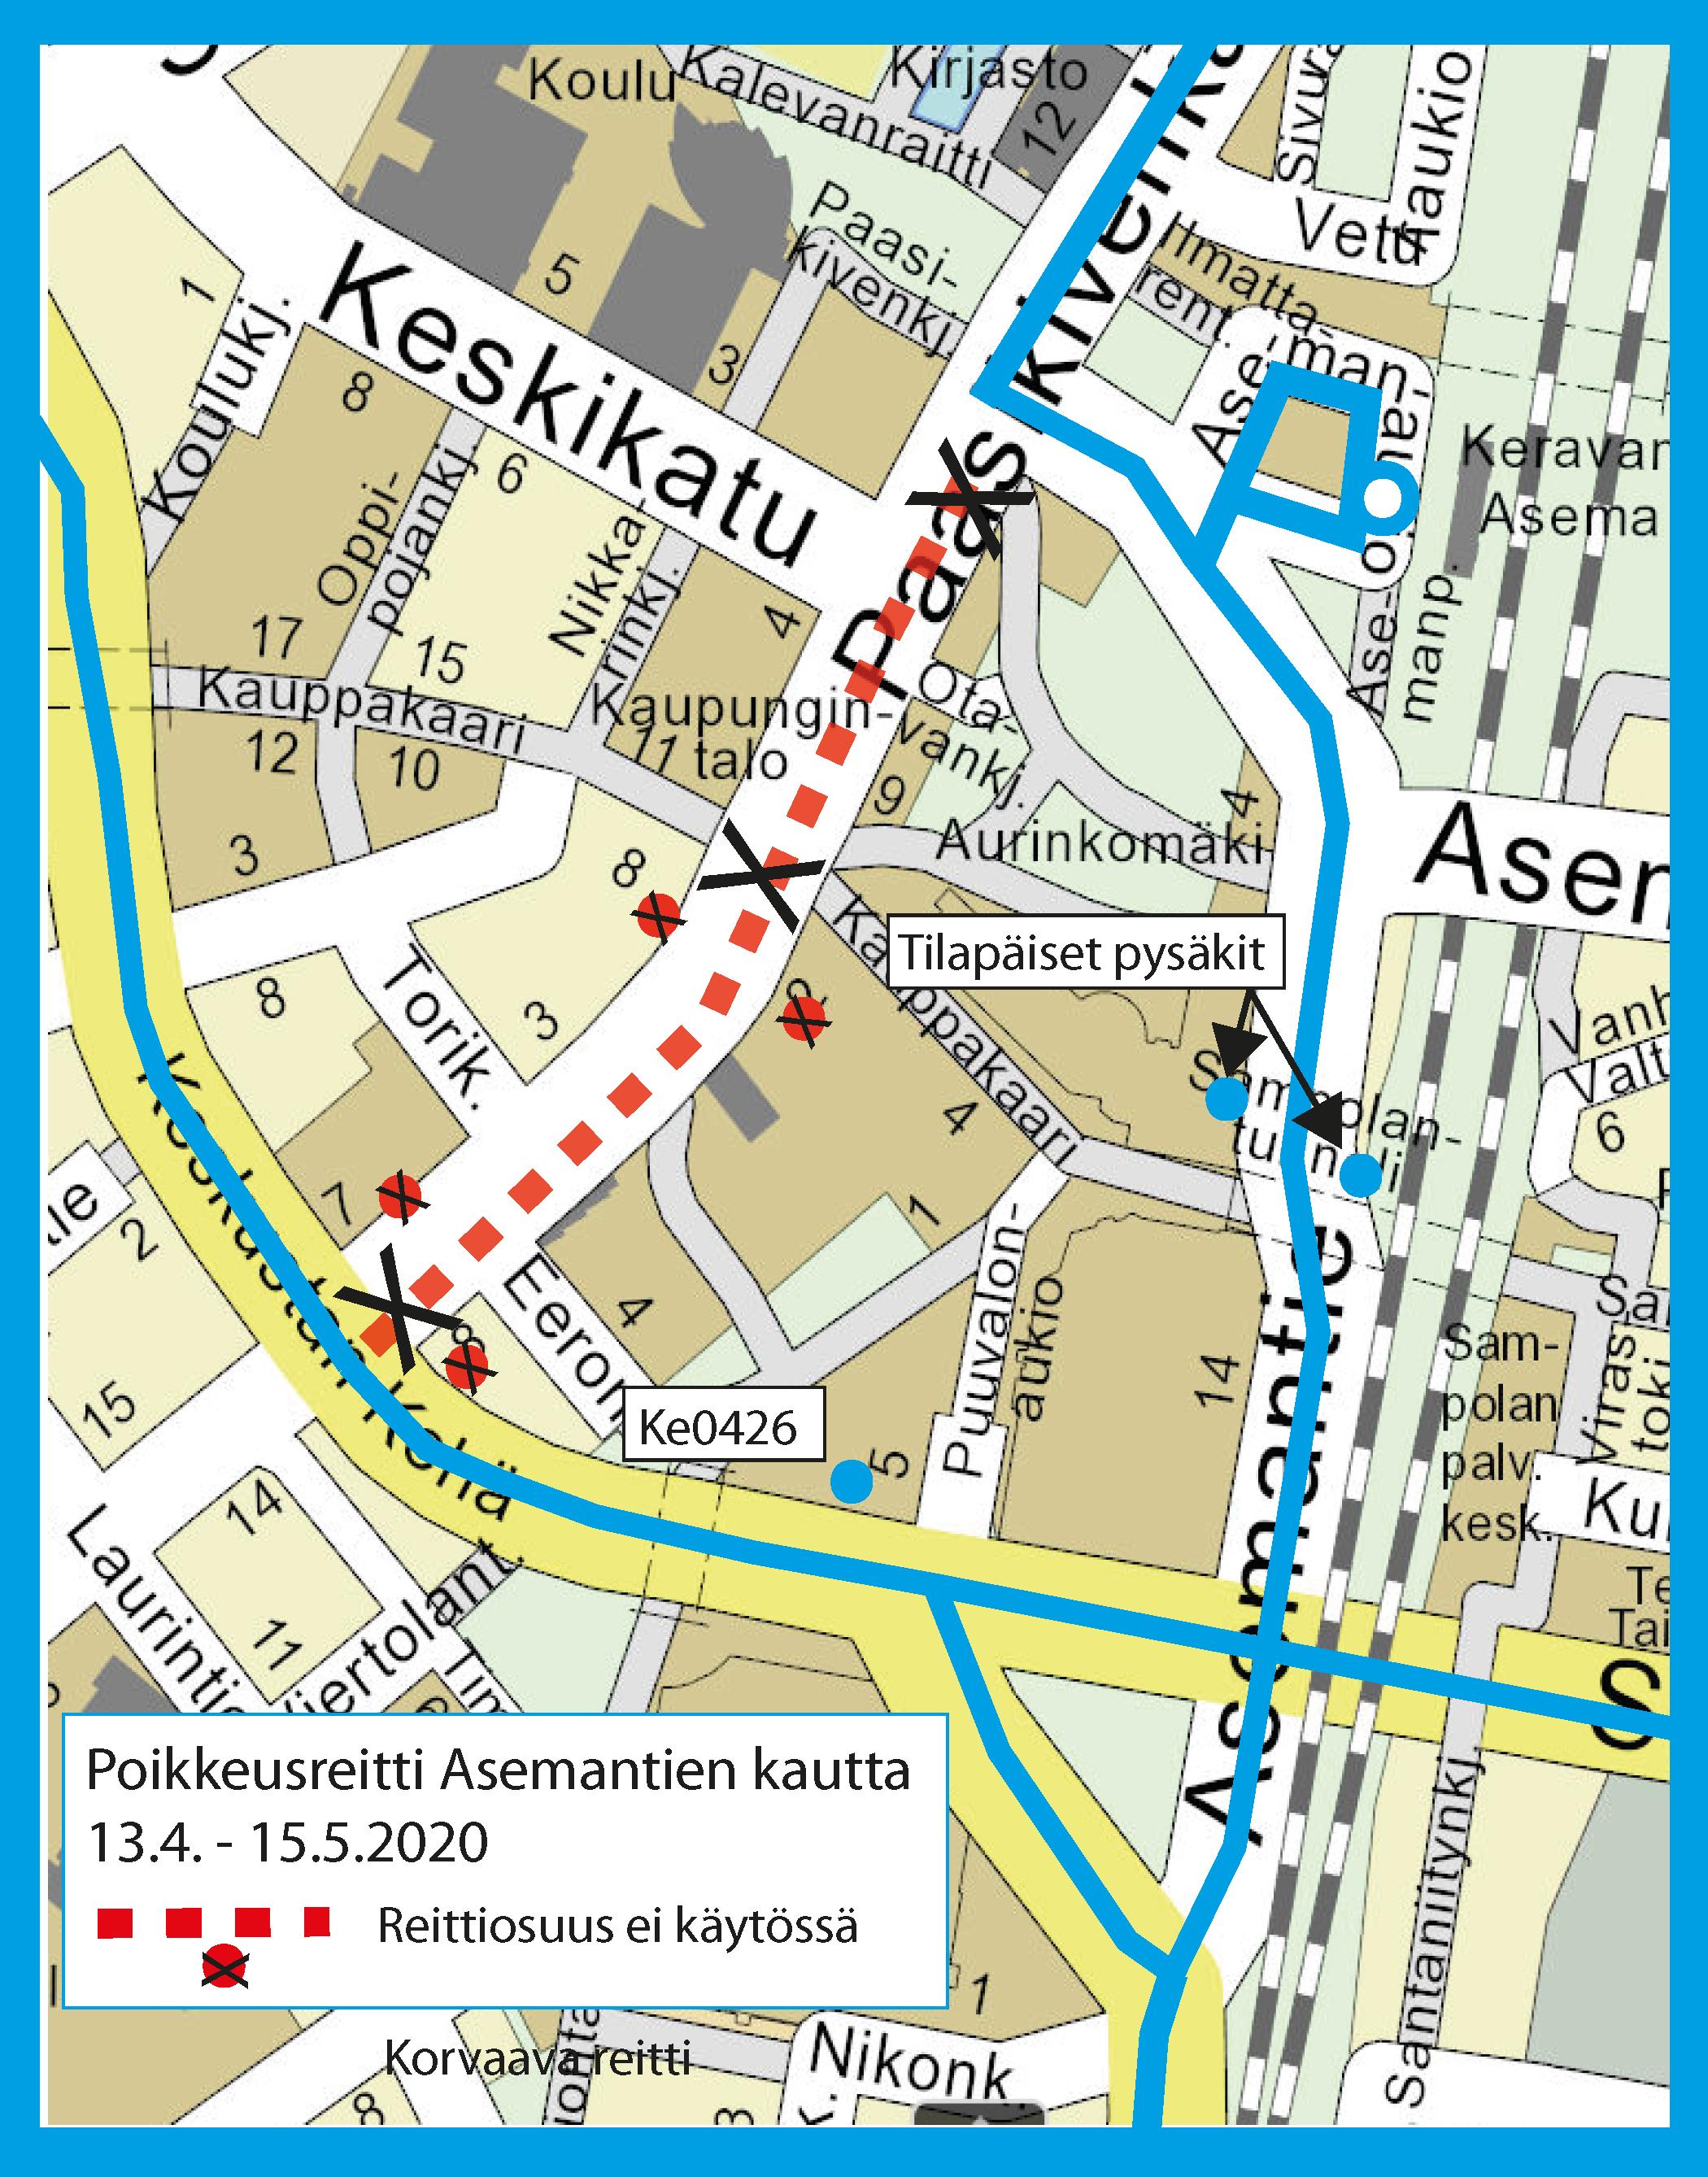 Poikkeusreitti Asemantien kautta 13.4. - 15.5.2020